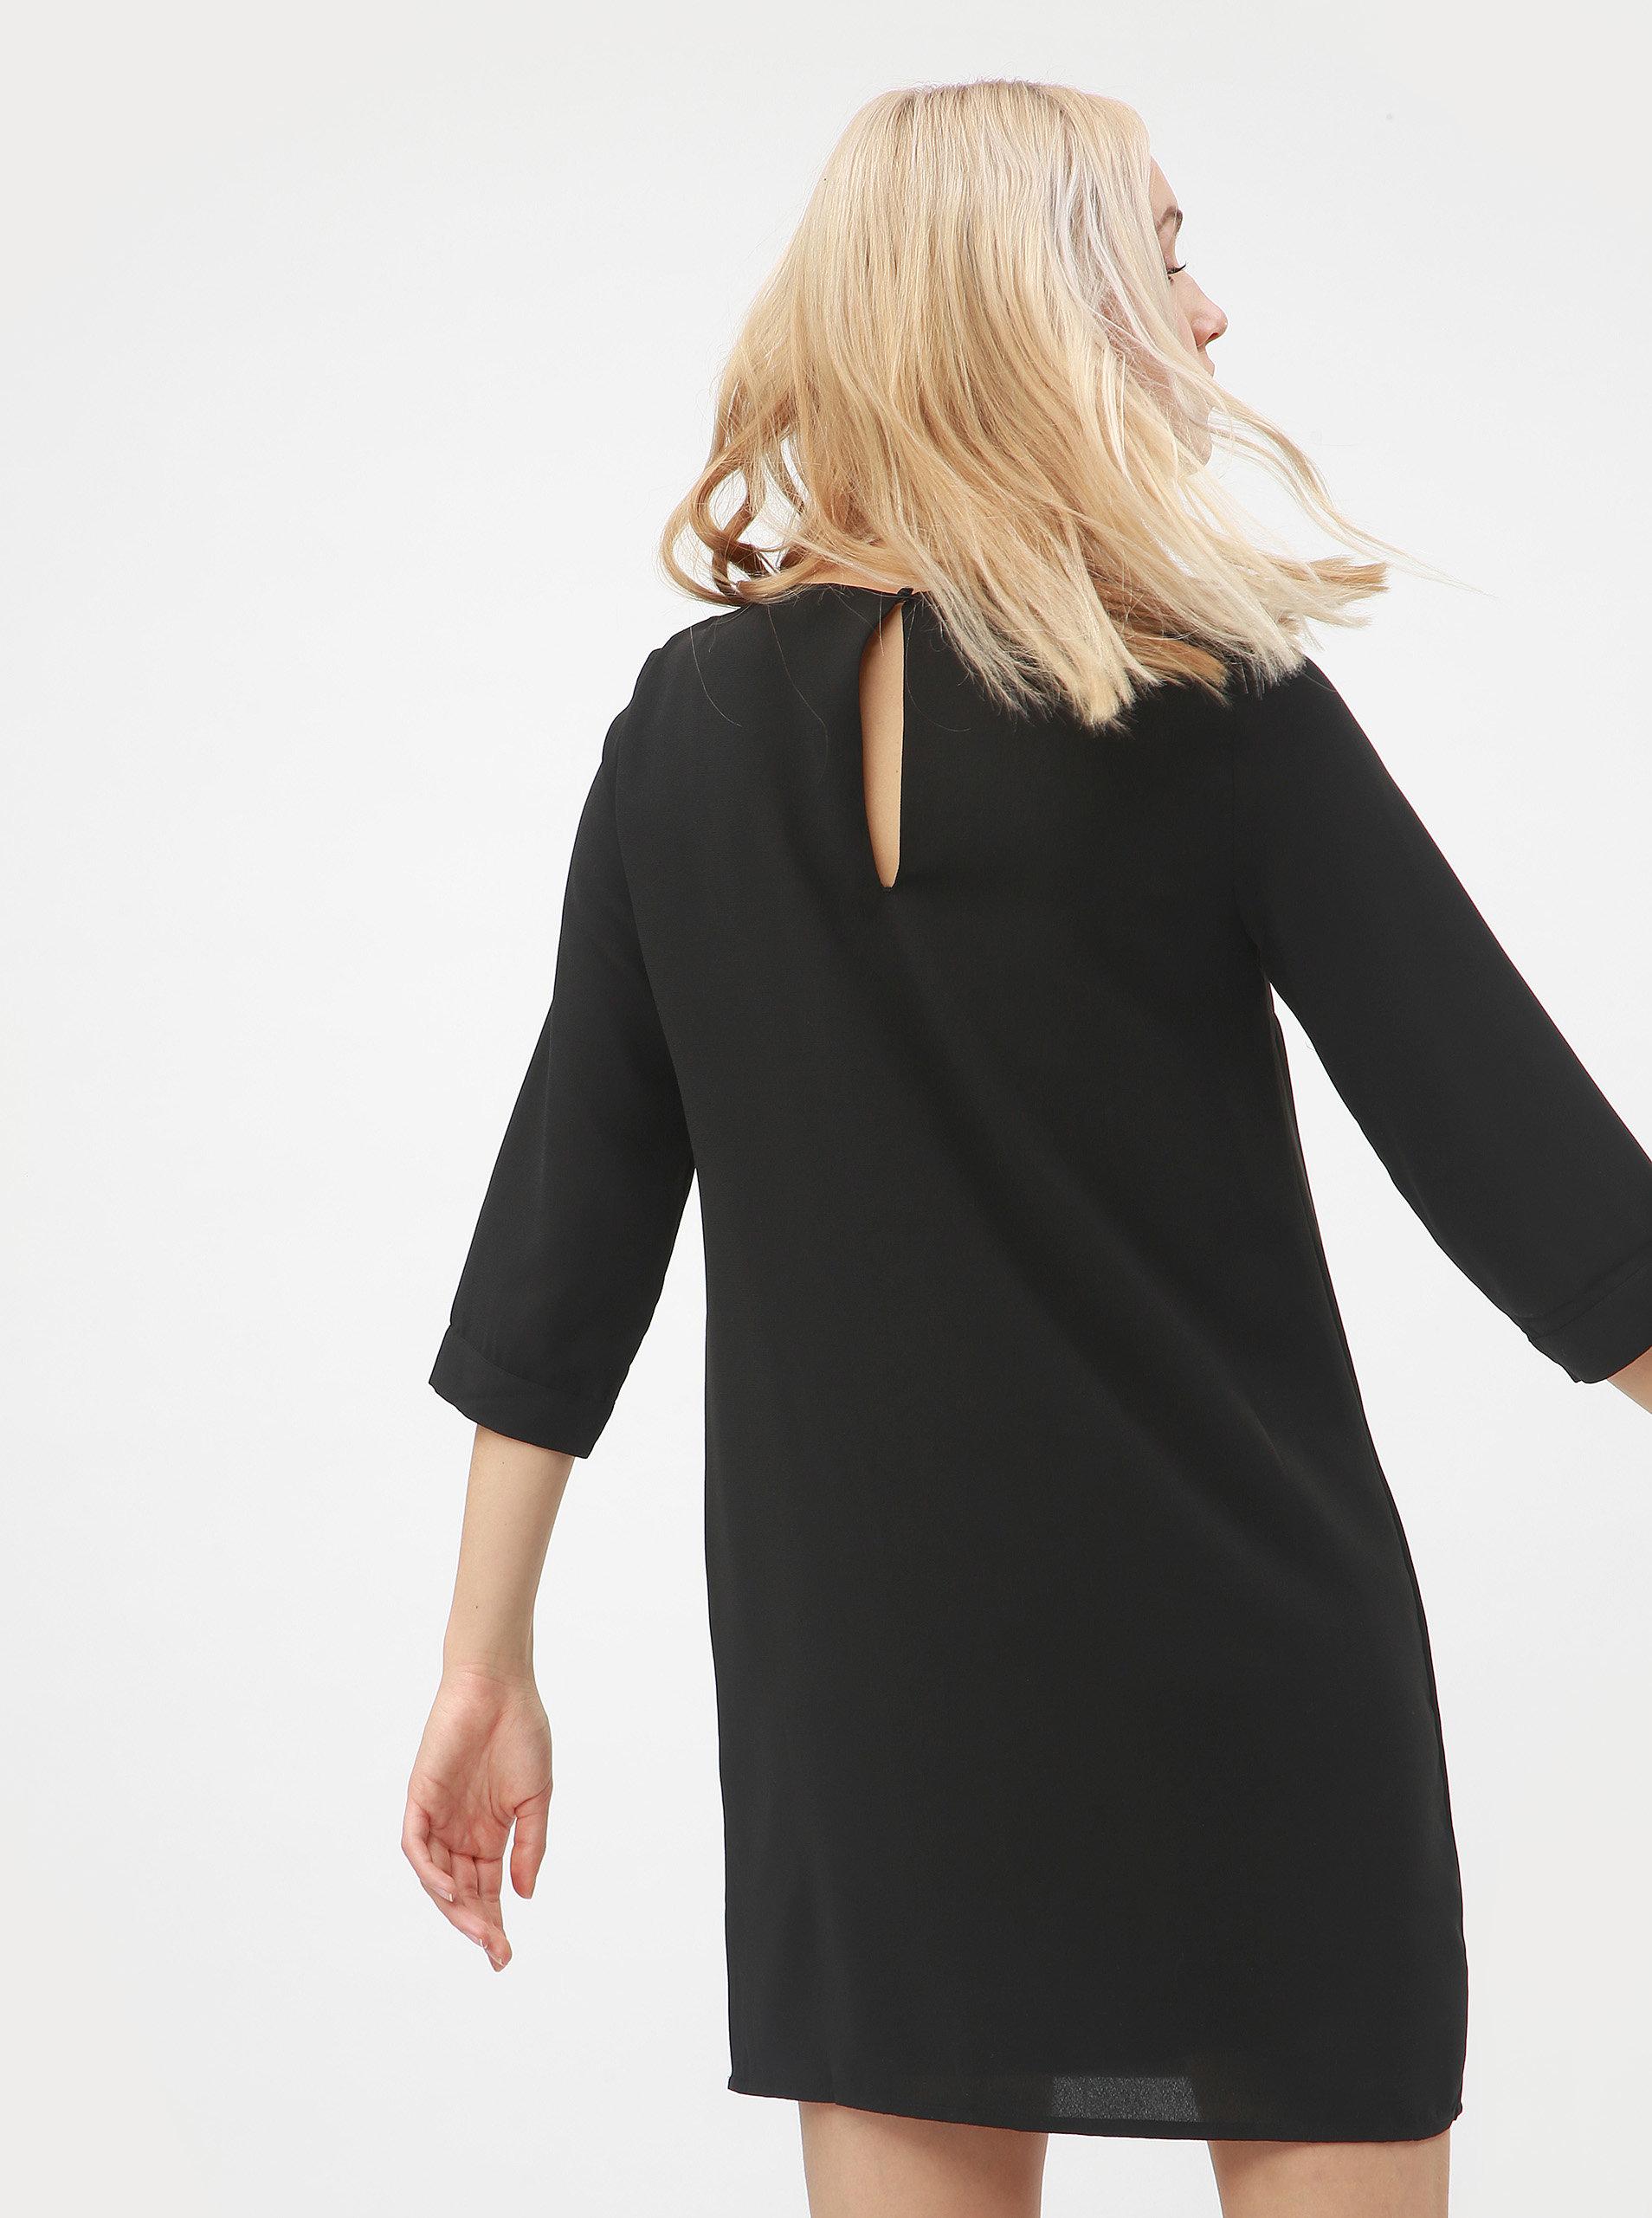 ca19552e8f6 Černé šaty s 3 4 rukávem VERO MODA Gabby ...